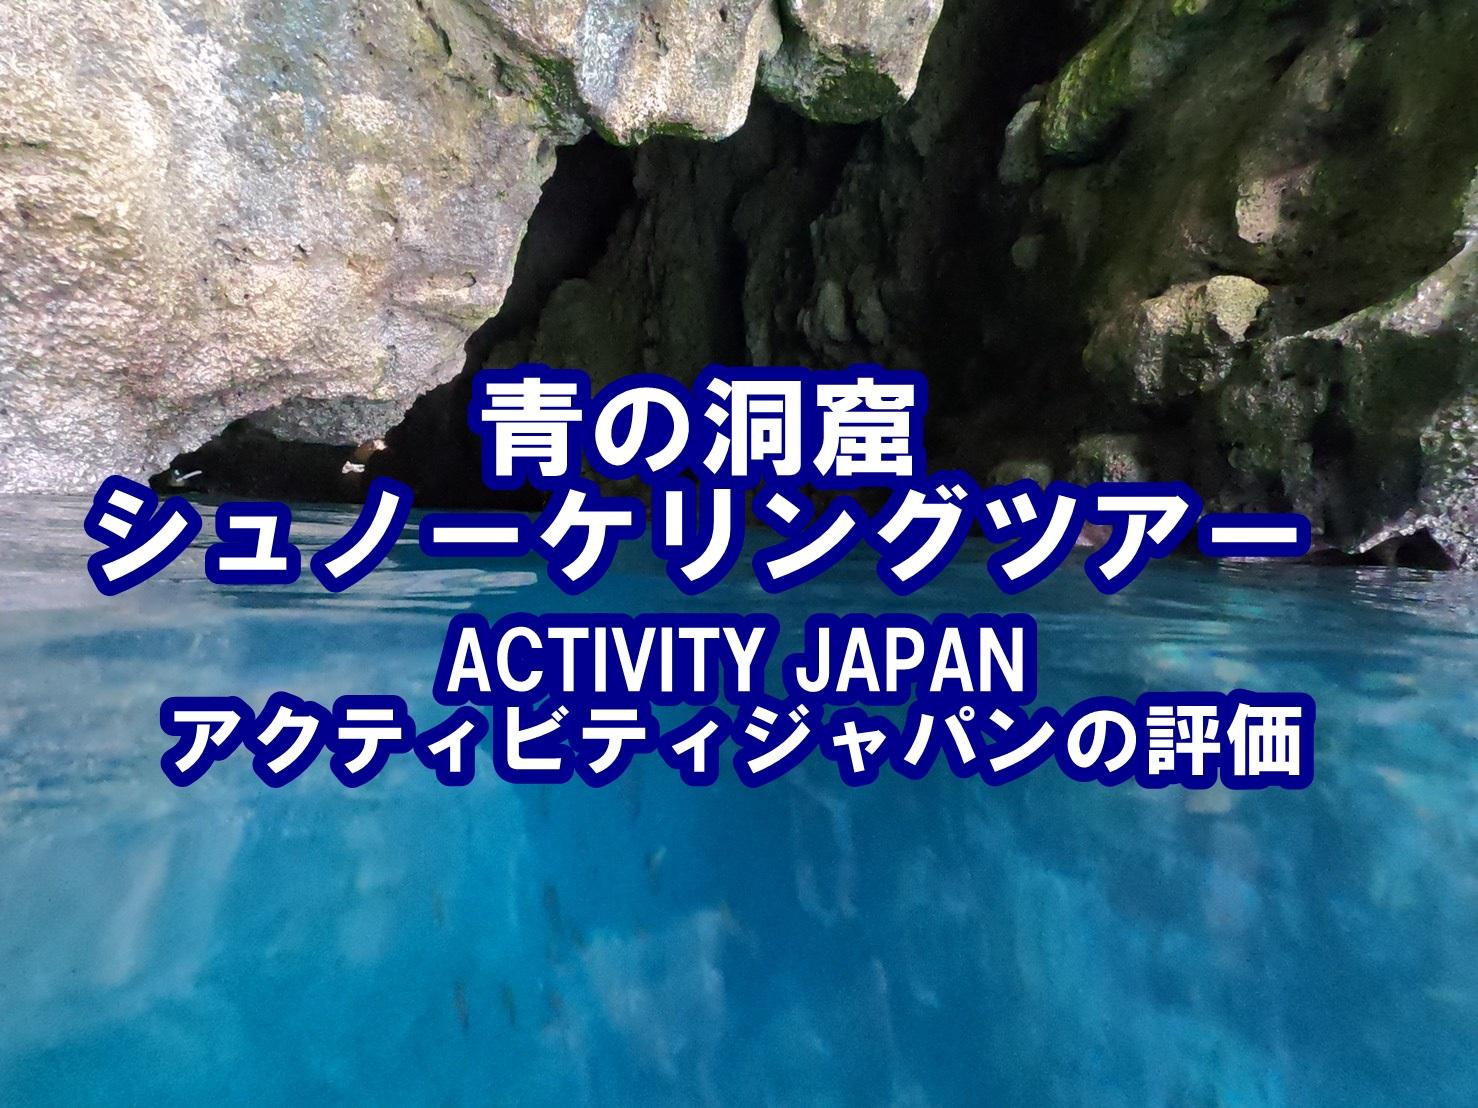 青の洞窟 シュノーケリング アクティビティジャパン